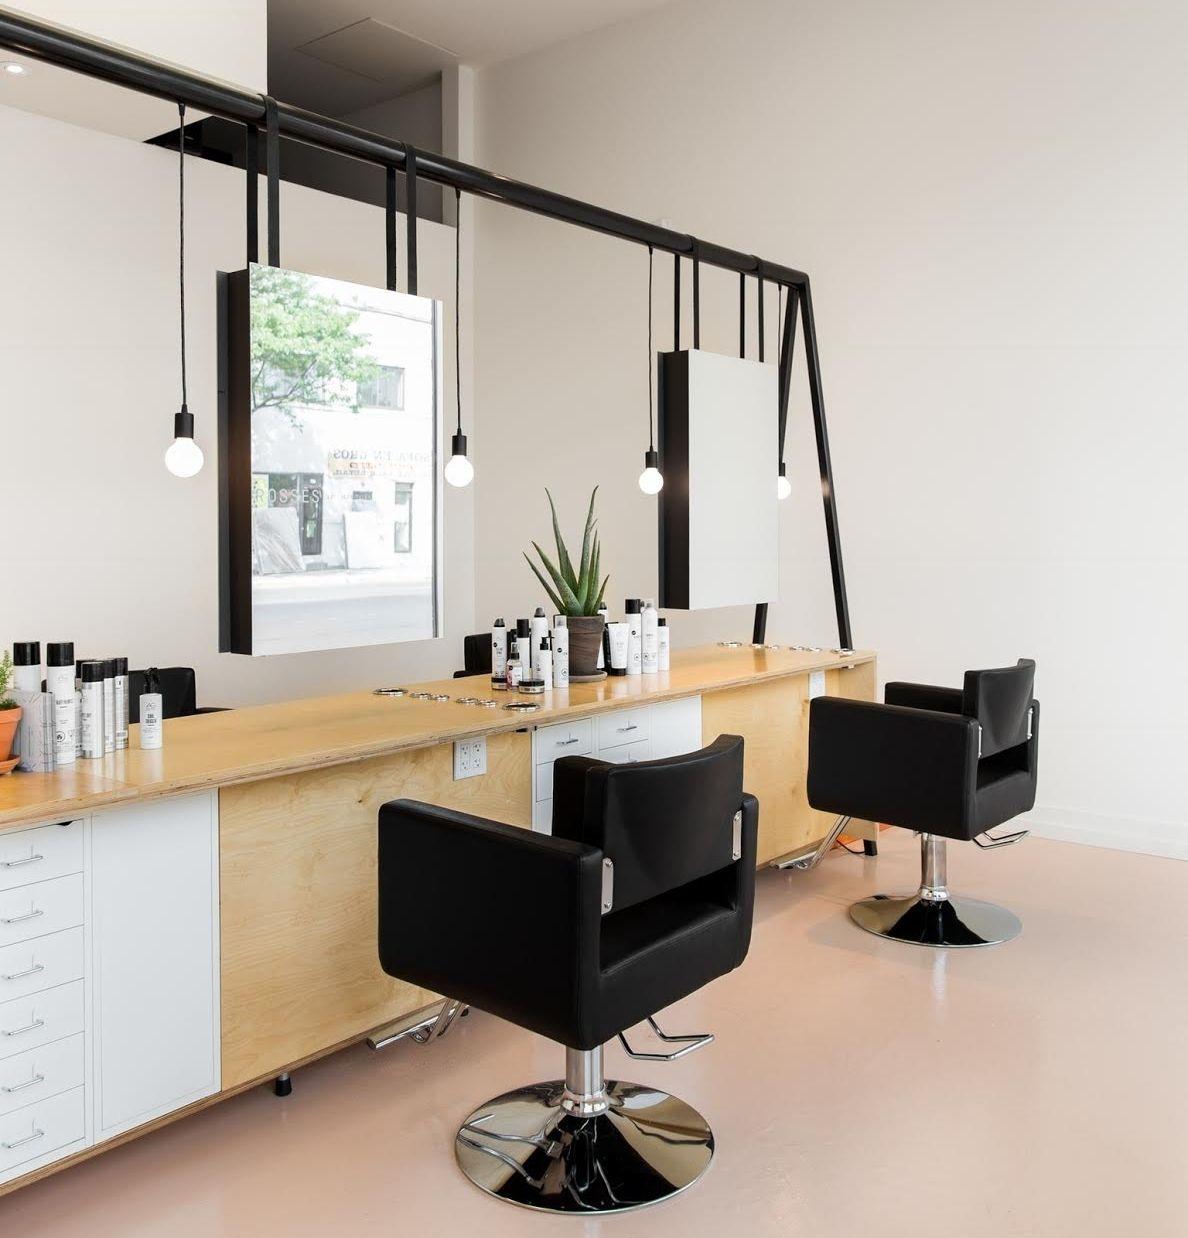 Un Plancher De Beton Rose Pour Donner Un Look Moderne A Ce Salon De Coiffure Beton Pink Floor Salon Suites Decor Salon Interior Design Hair Salon Interior